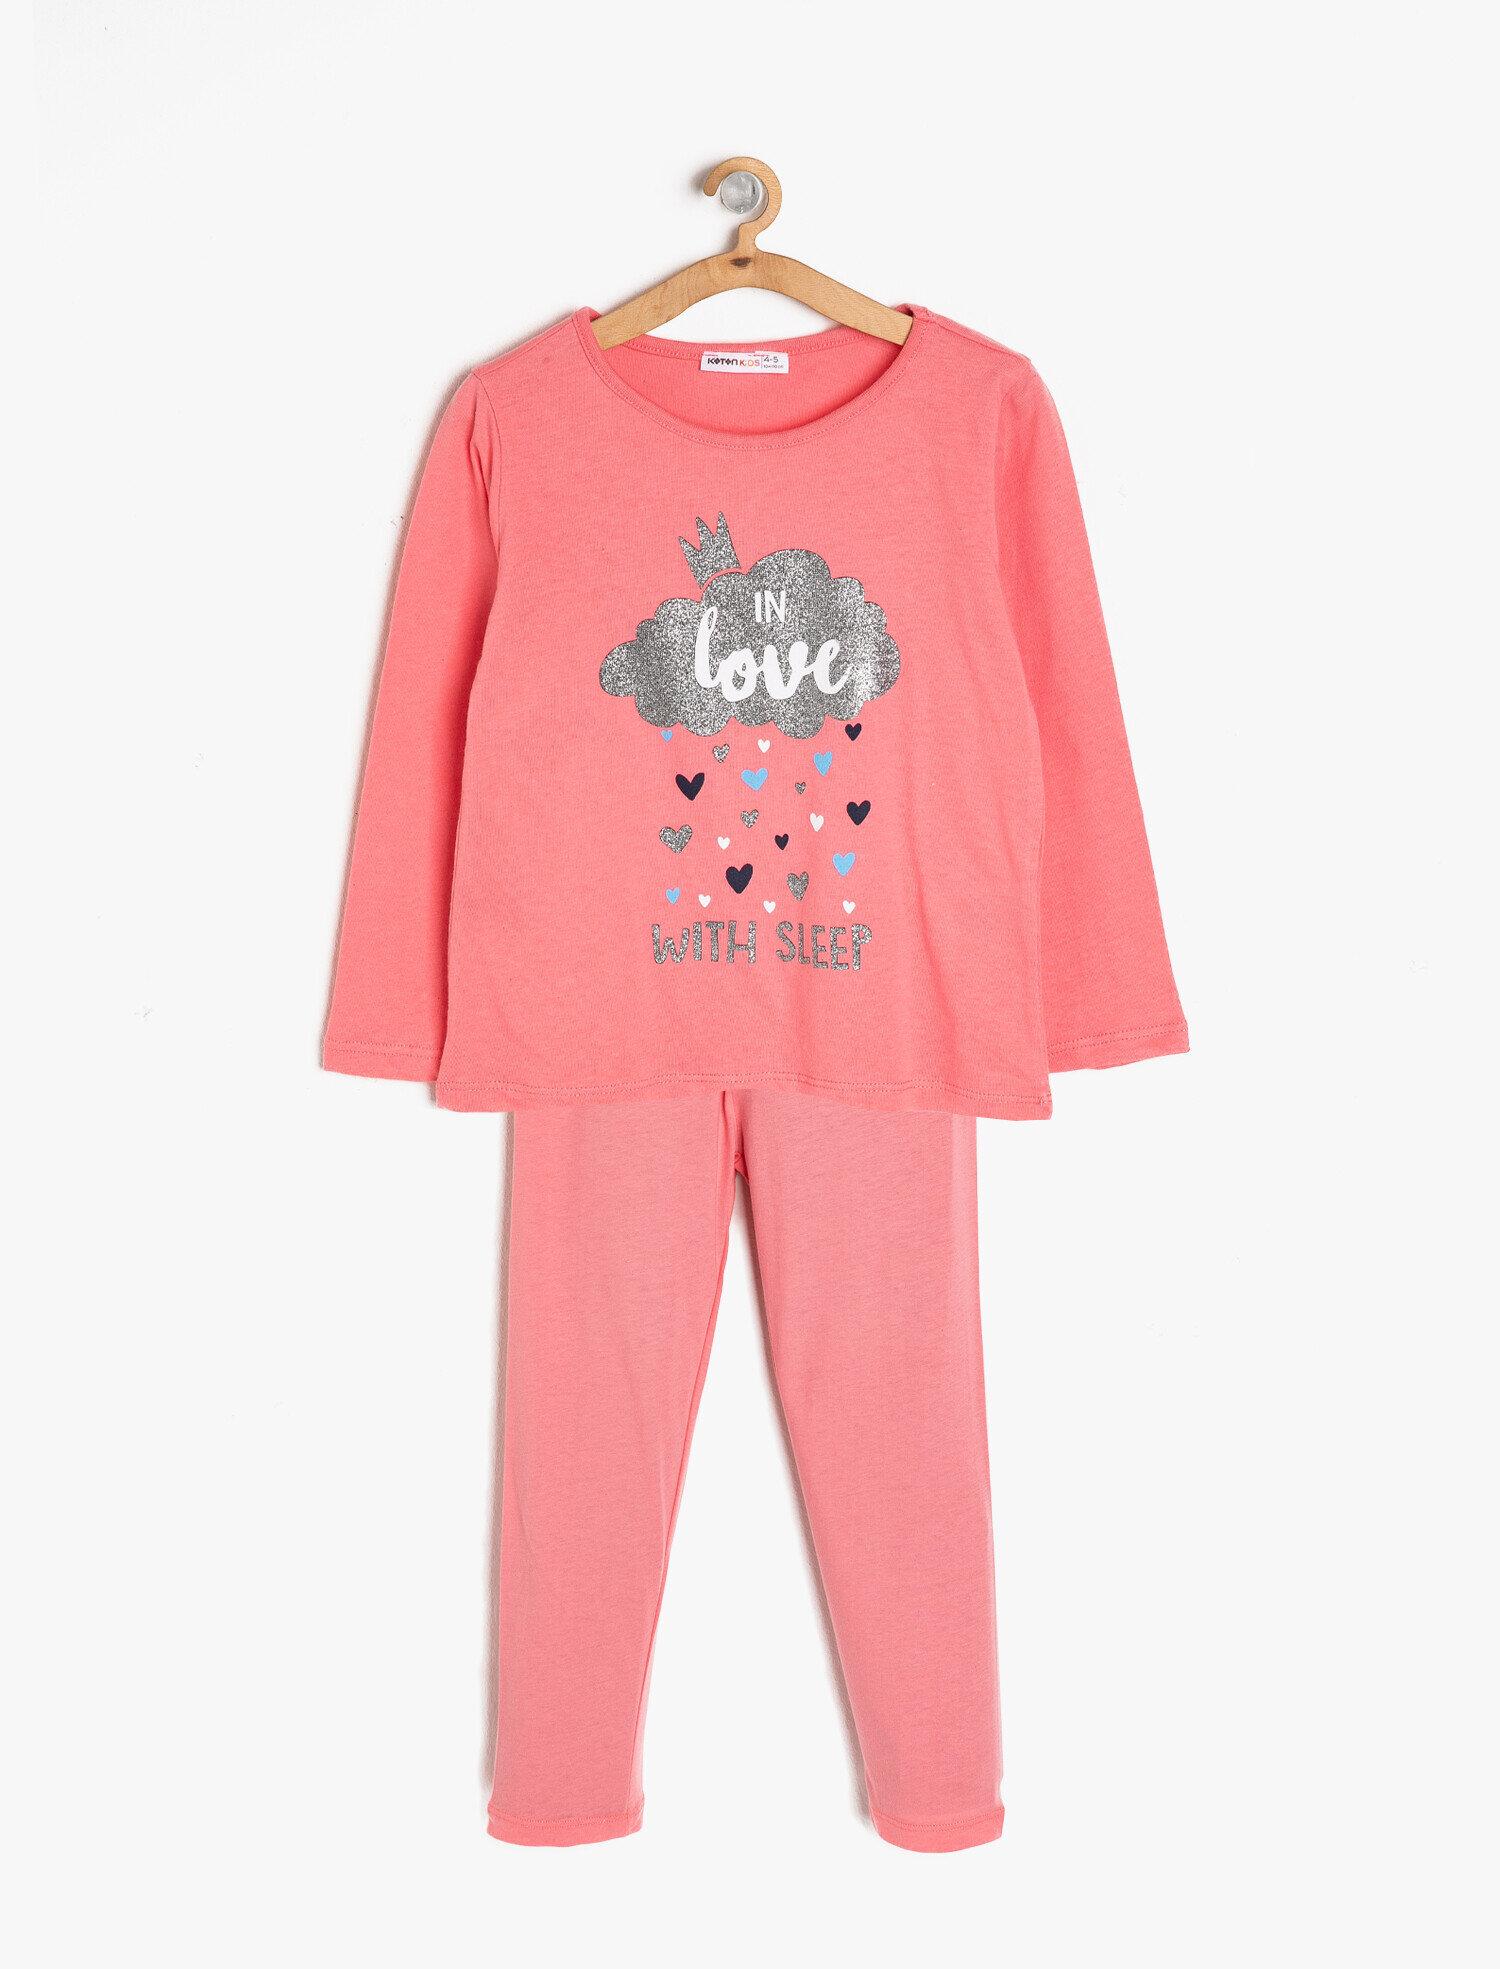 Koton Kız Çocuk Baskili Pijama Seti Kırmızı Ürün Resmi